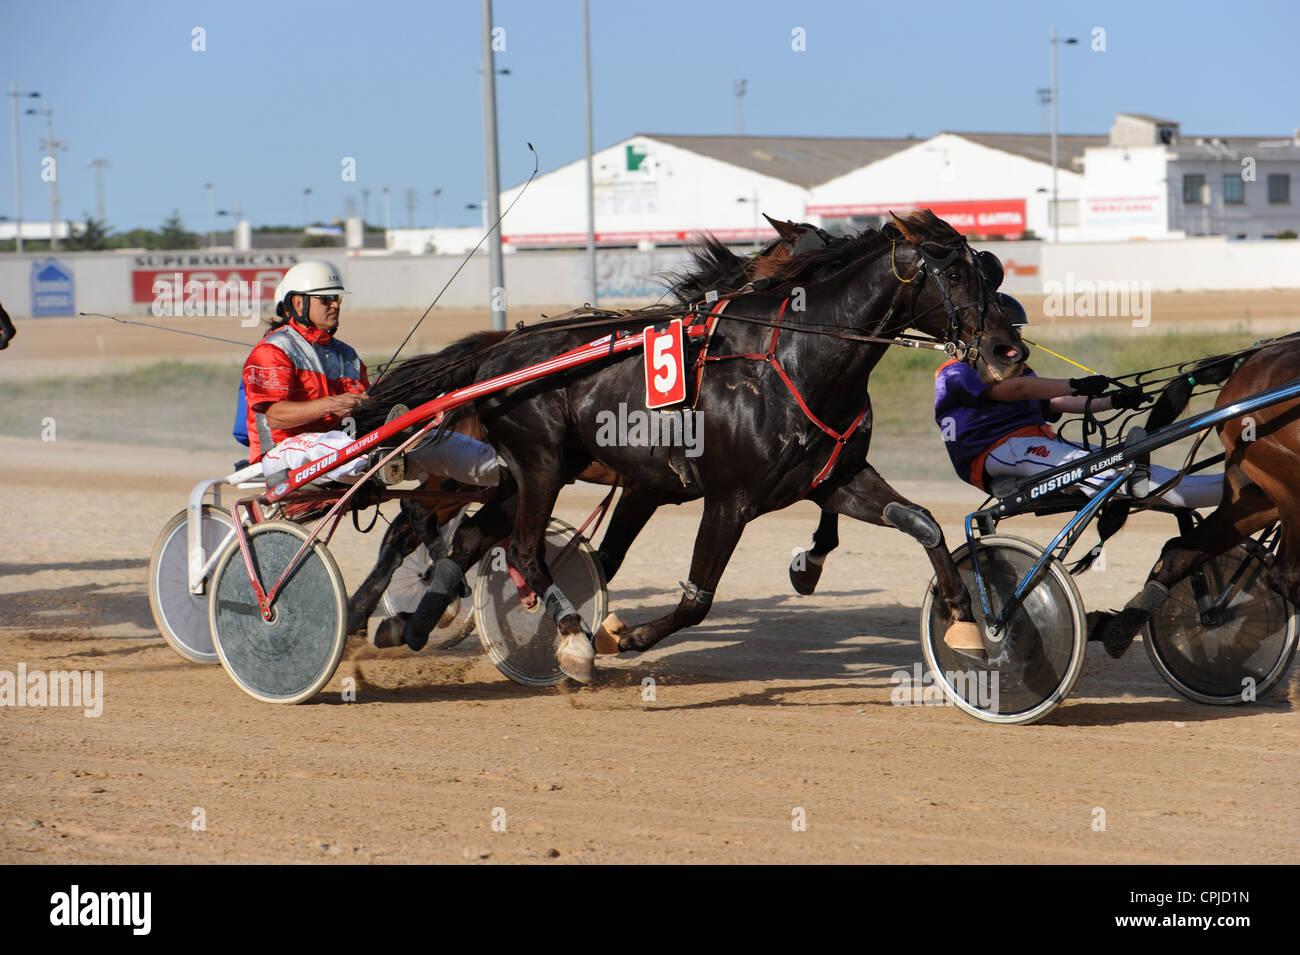 Acción de disparo caballo carreras de caballos, Menorca, España Imagen De Stock